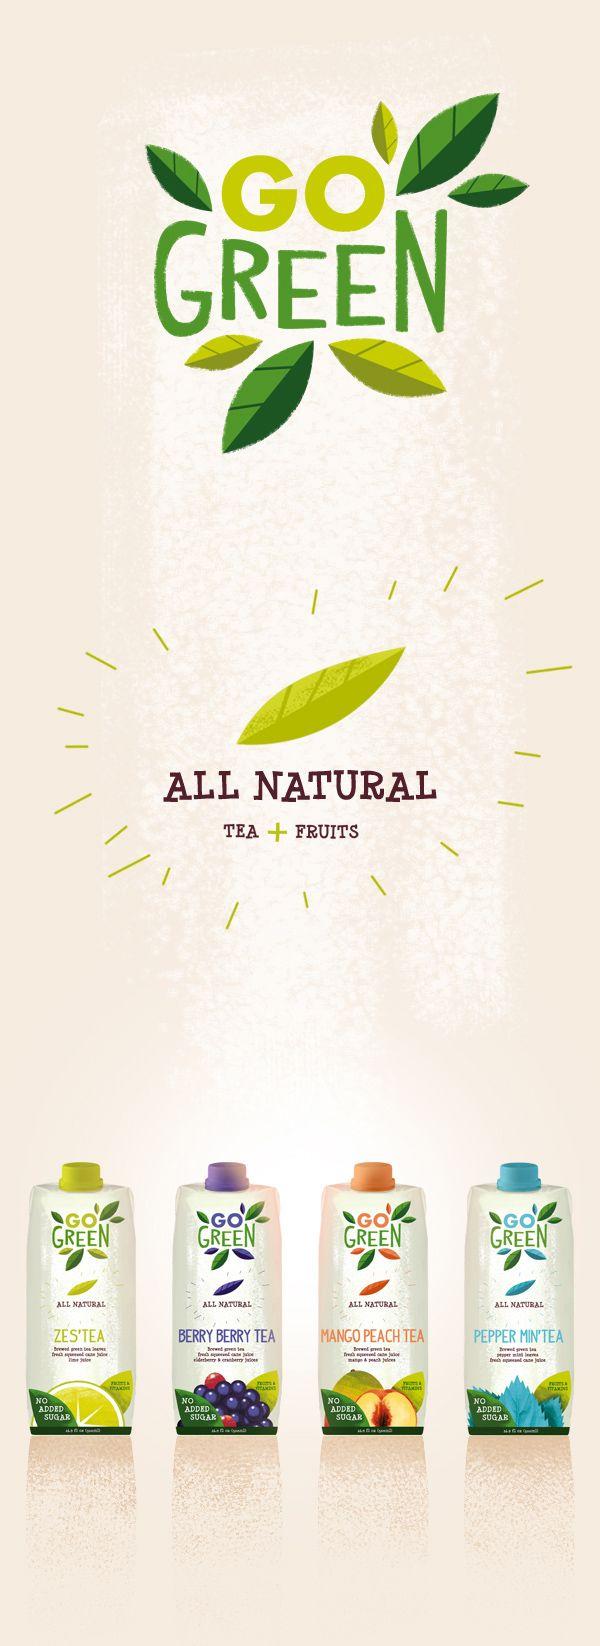 logo et packaging, effet naturel, pour une marque bio par exemple #logo #packaging  - margauxduprat.com -